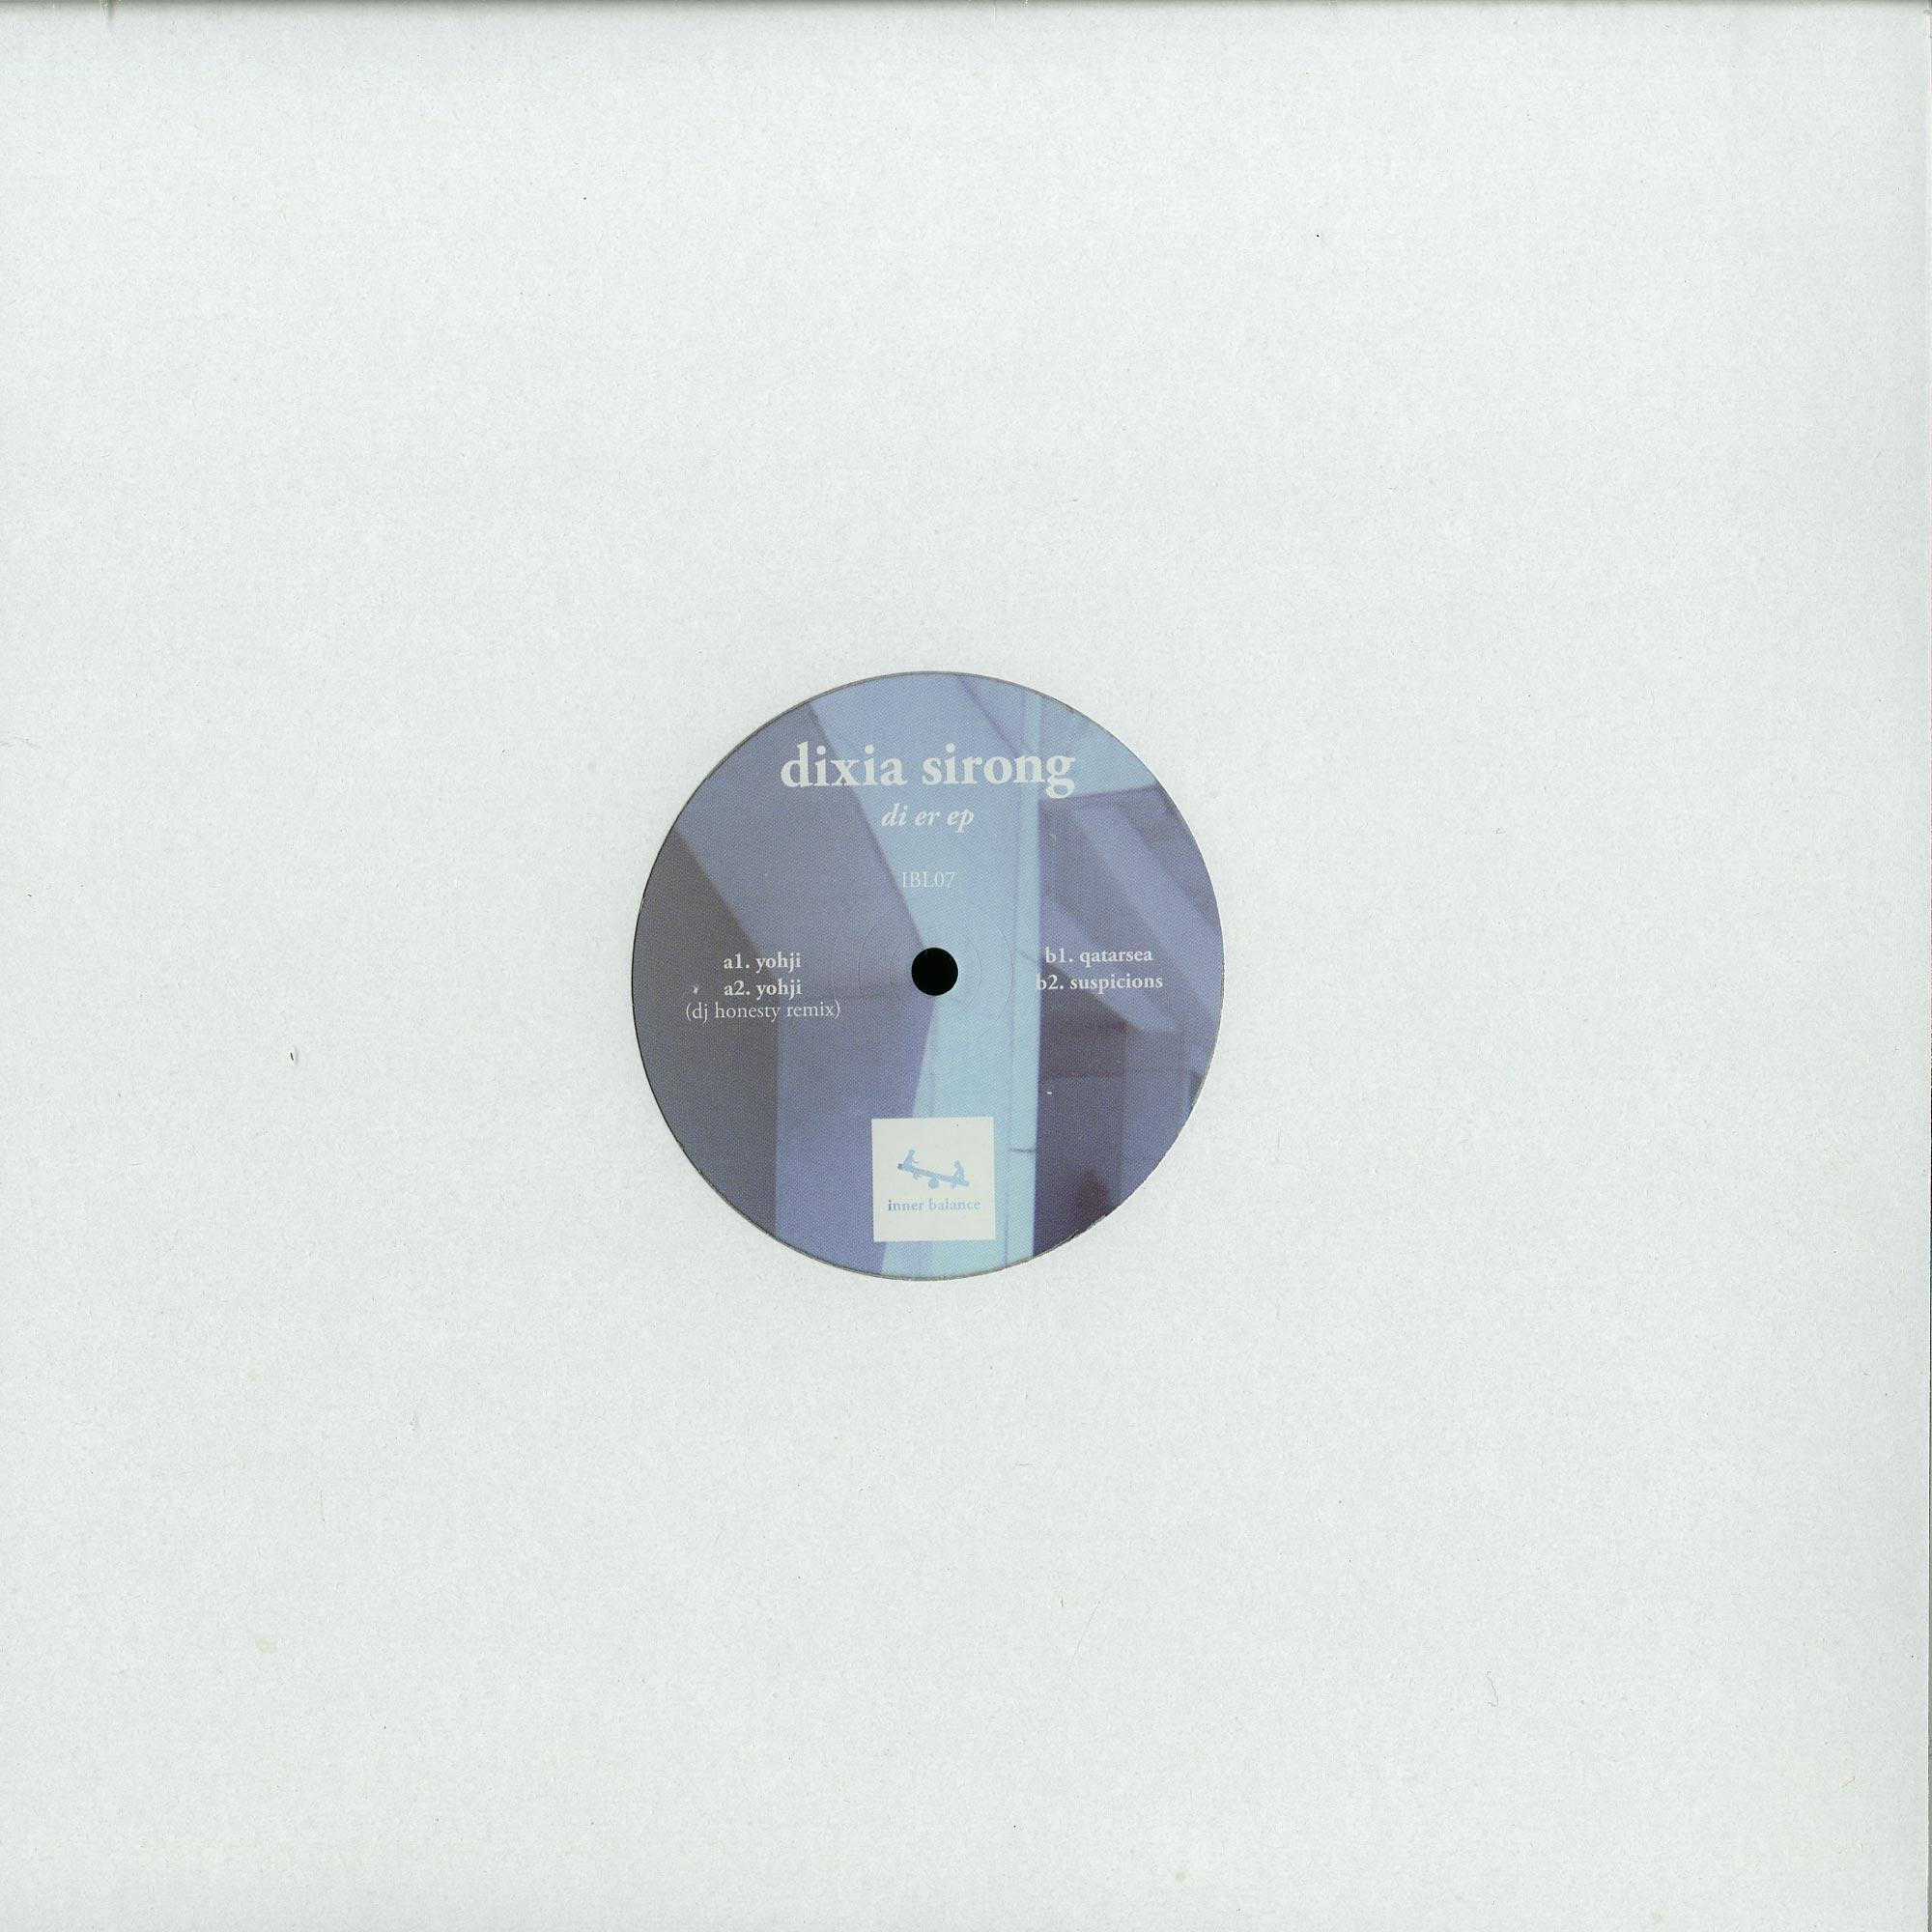 Dixia Sirong - DI ER EP FT. DJ HONESTY REMIX